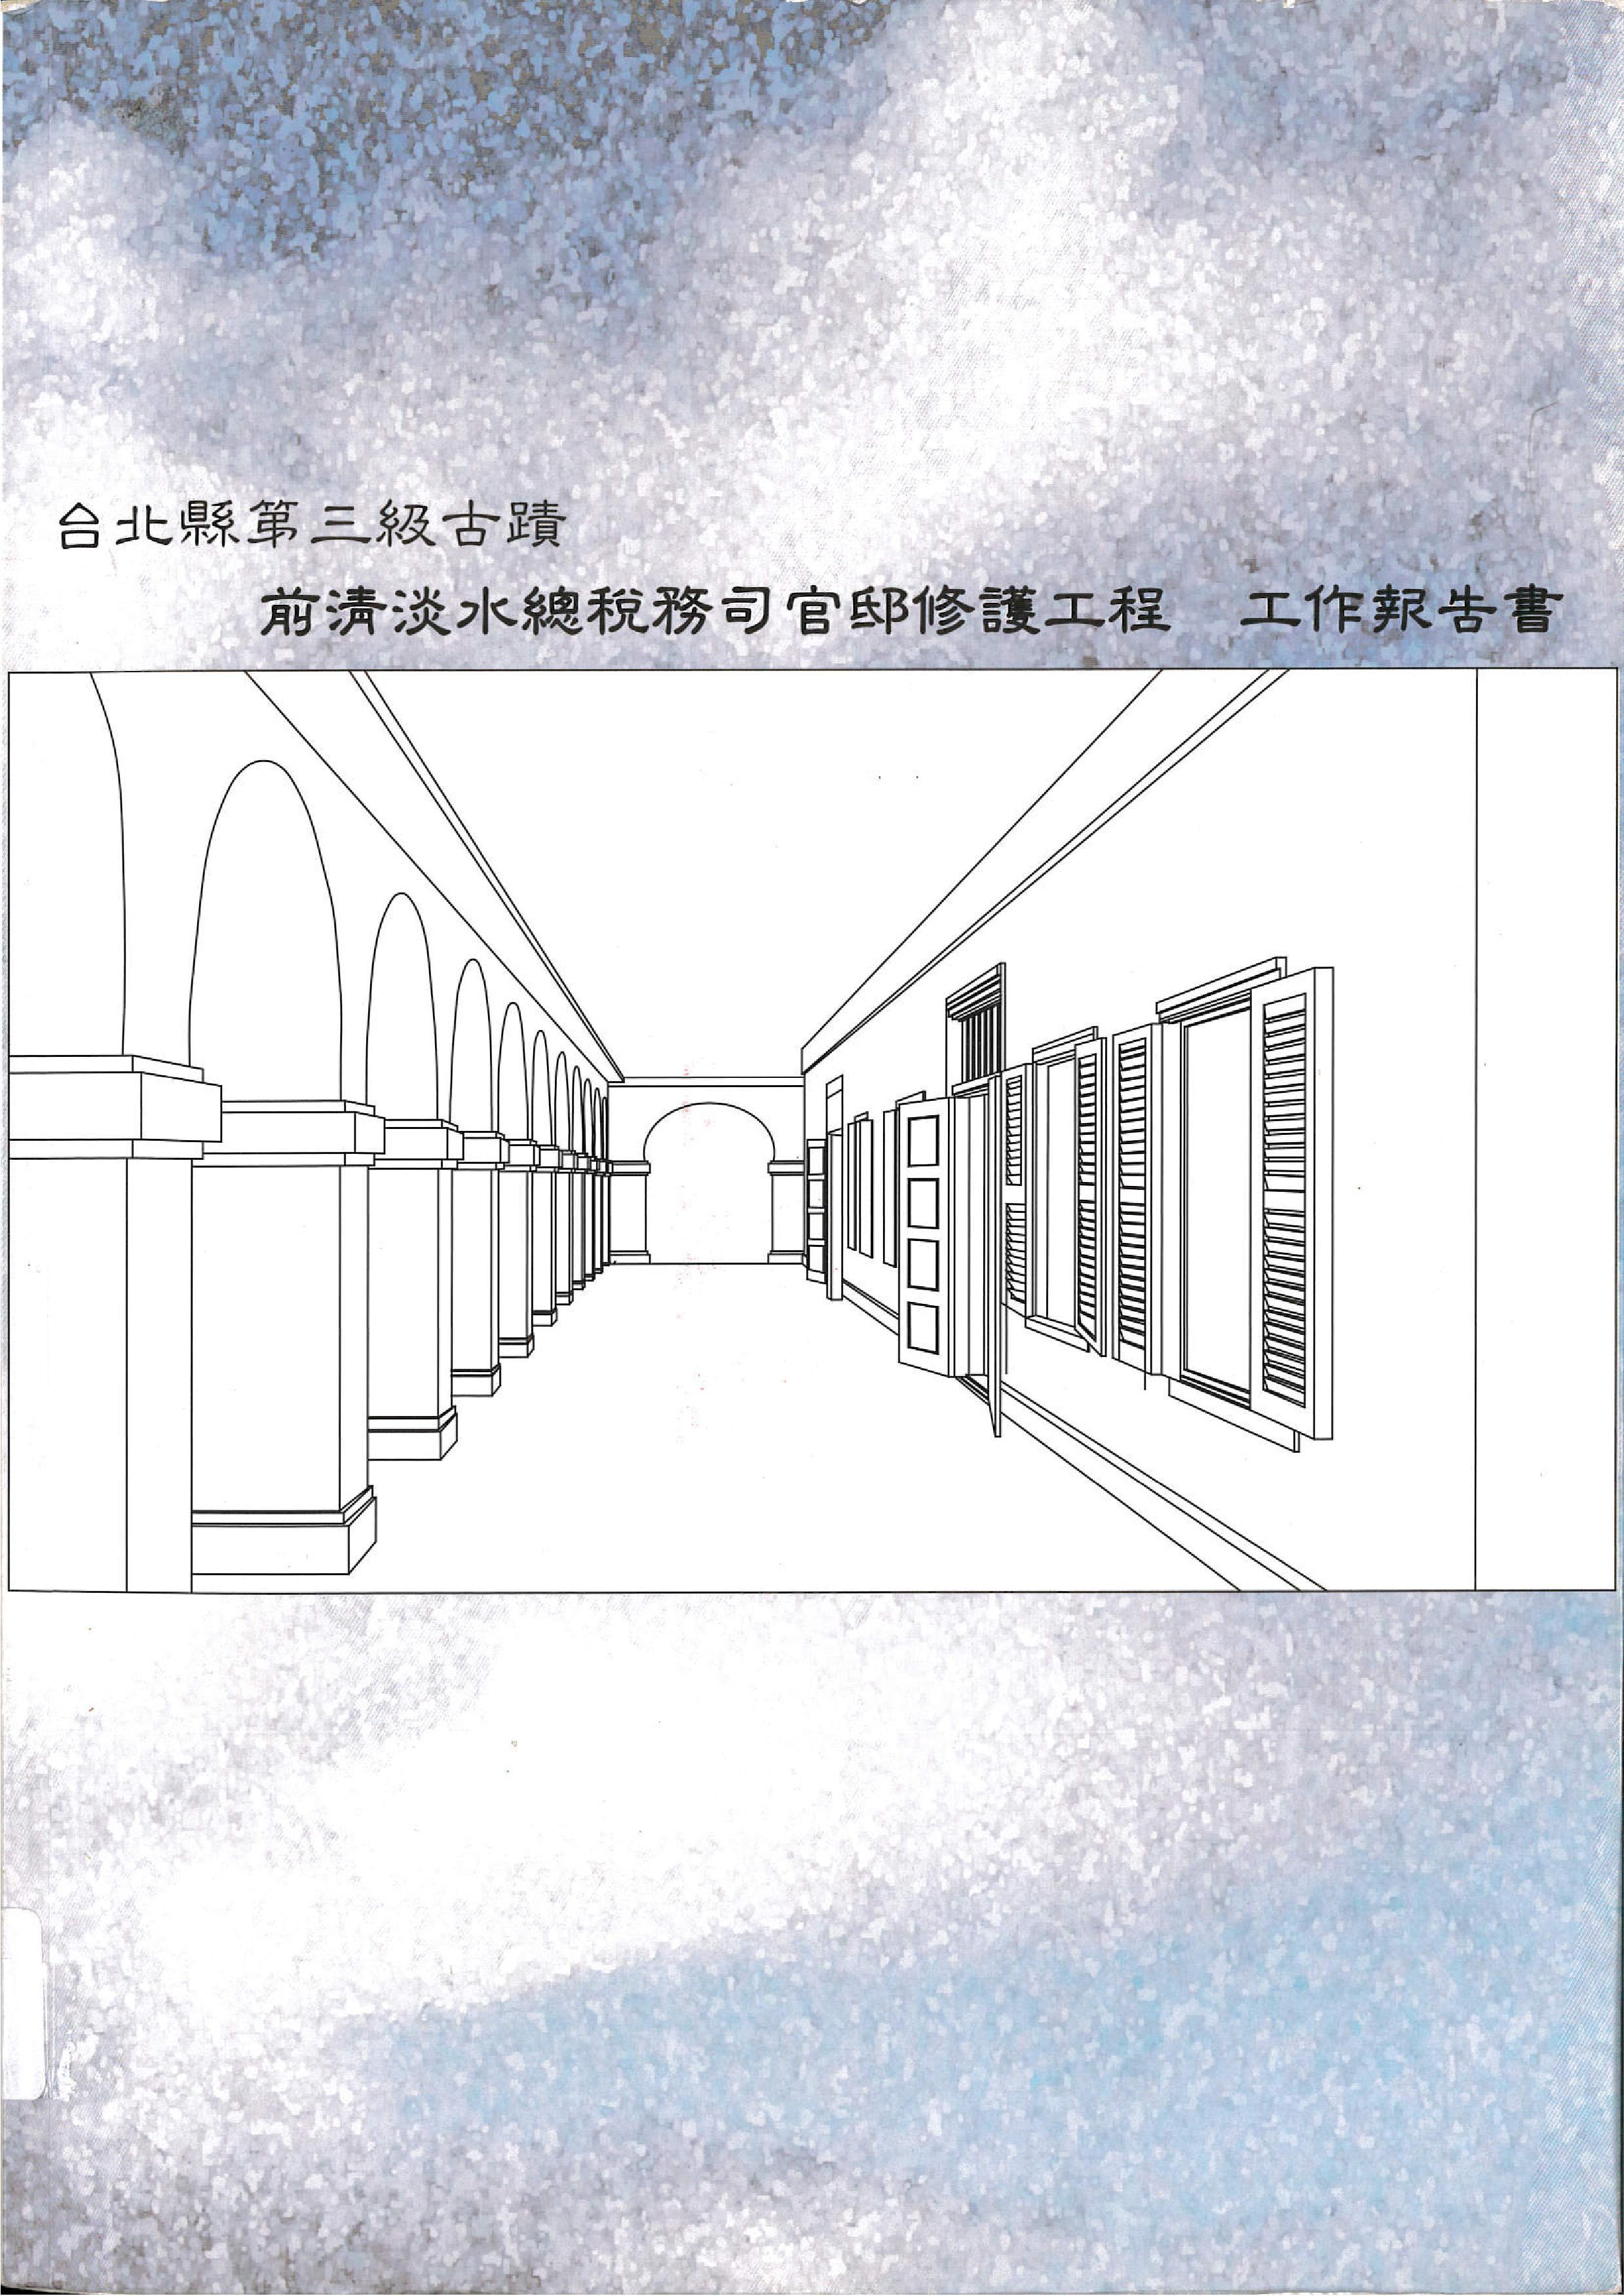 前清淡水總稅務司官邸修護工程工作報告書(封面)